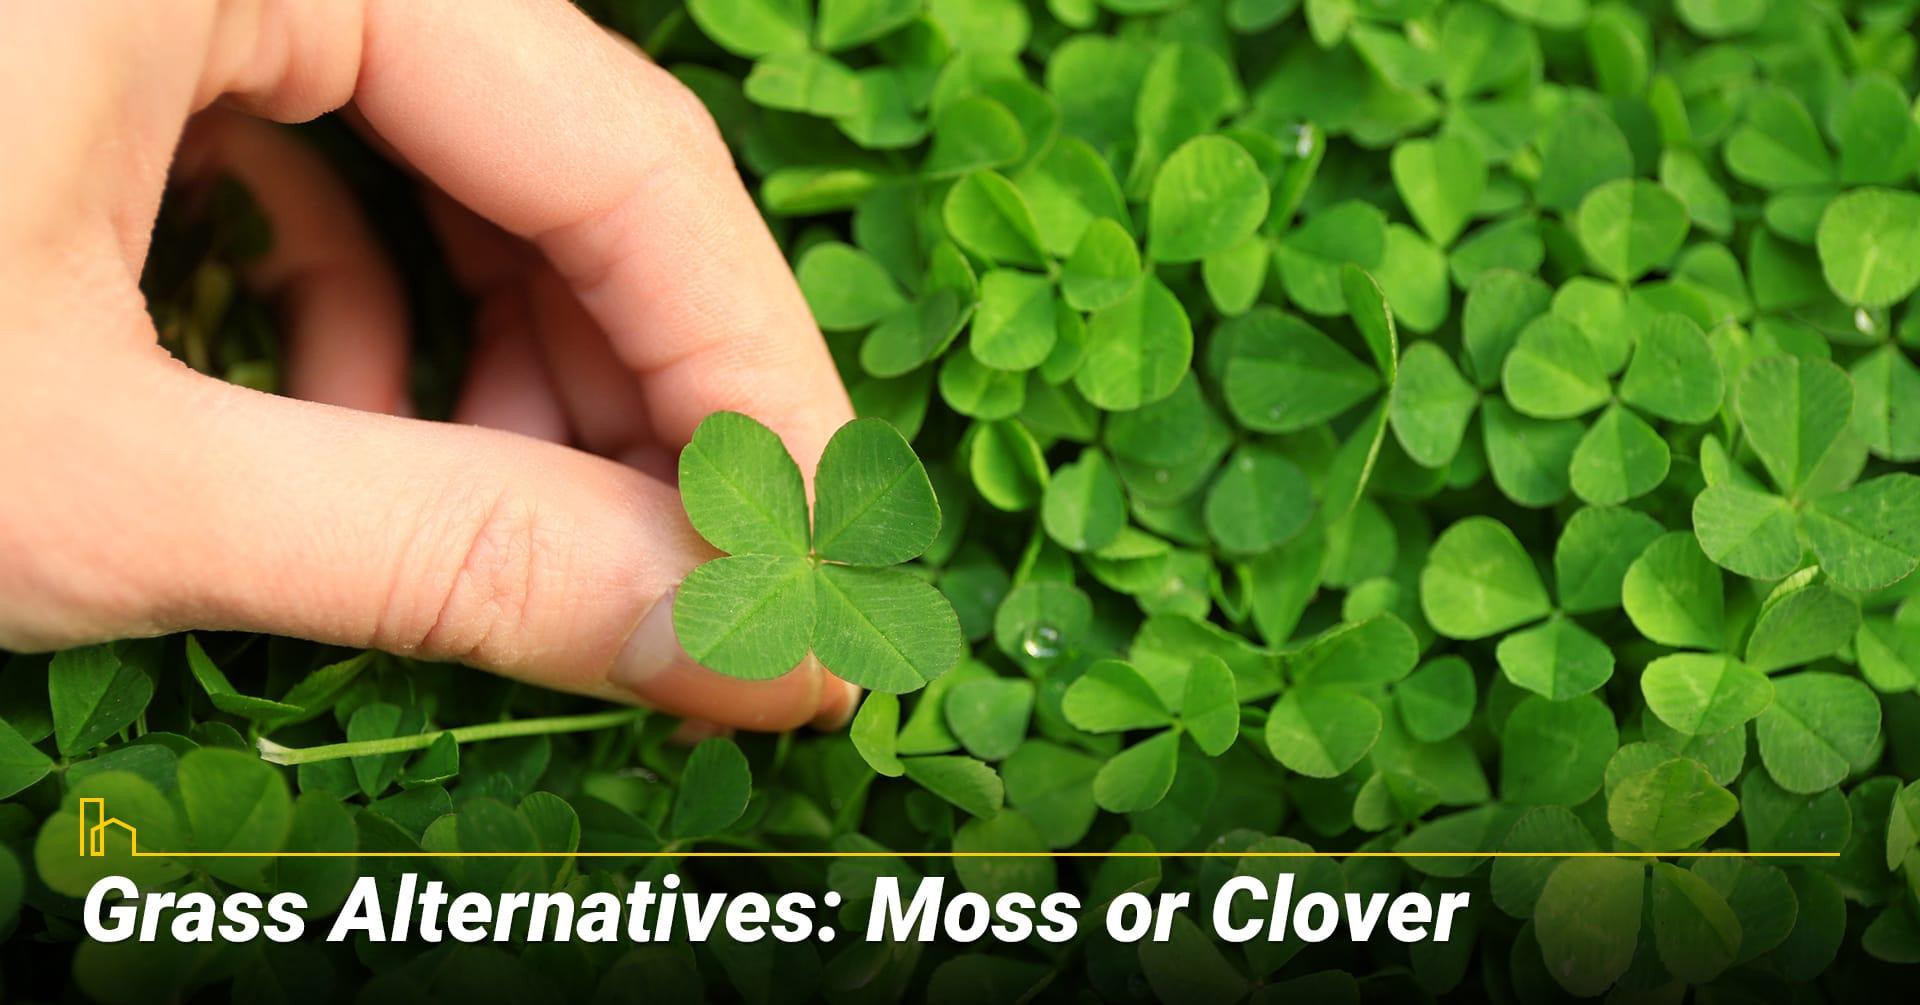 Grass Alternatives: Moss or Clover